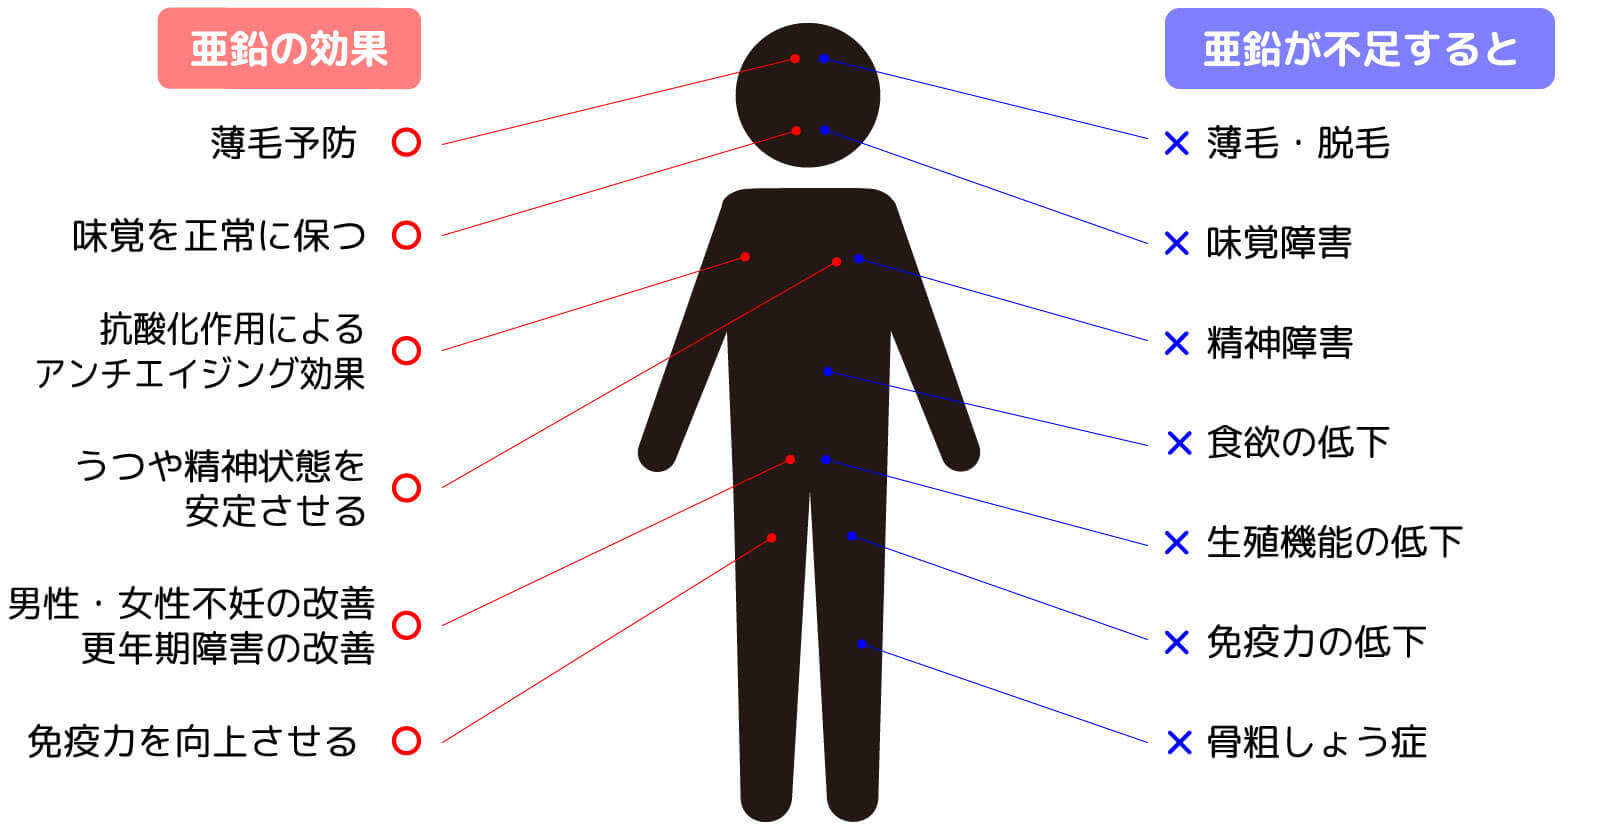 亜鉛の効果と亜鉛不足が引き起こす症状